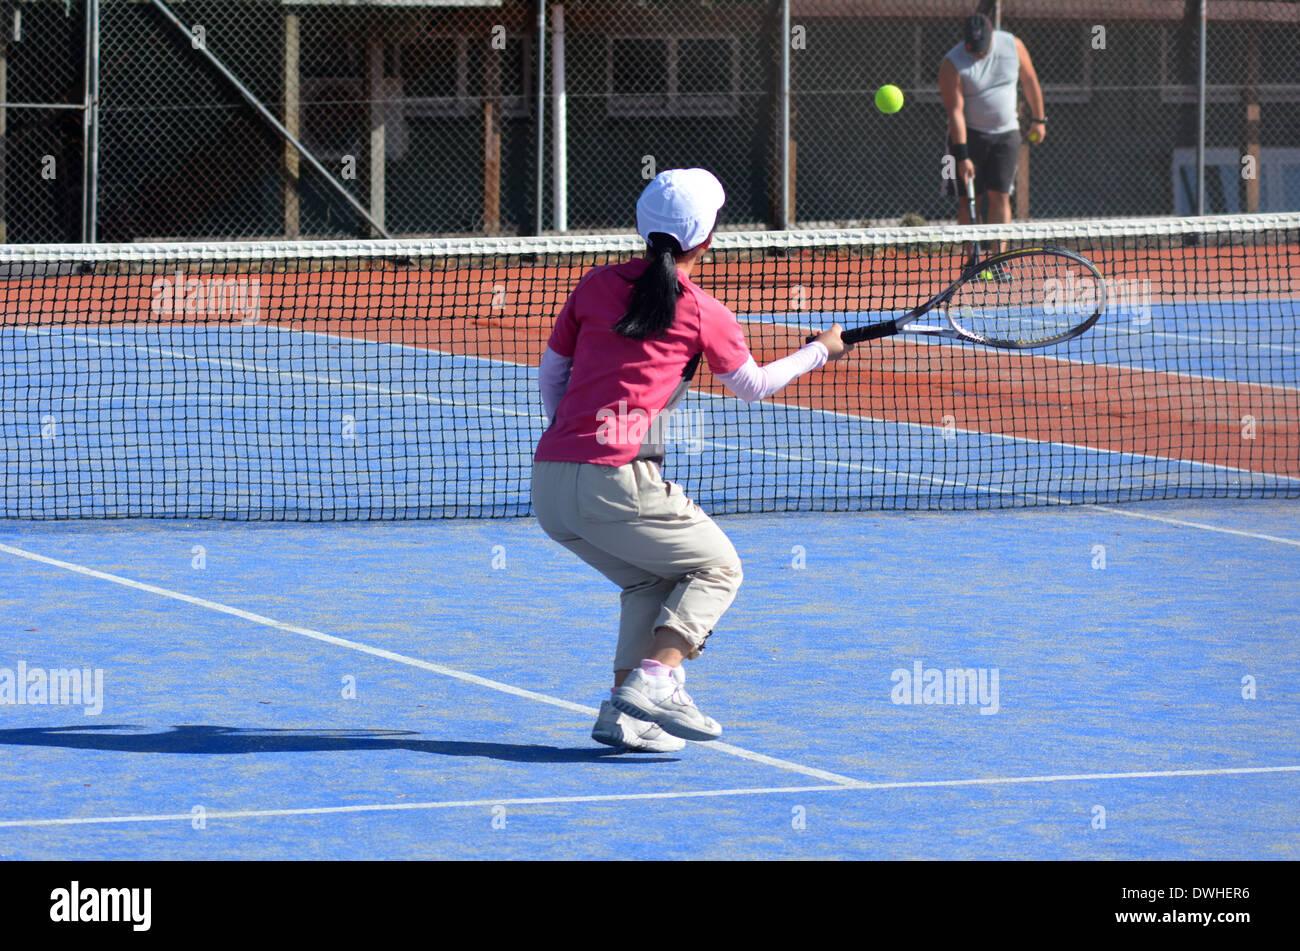 KAITAIA, NUEVA ZELANDA - Mar 06:personas jugar al tenis en Mar 06 2014.El juego de tenis proviene de Gran Bretaña. Imagen De Stock